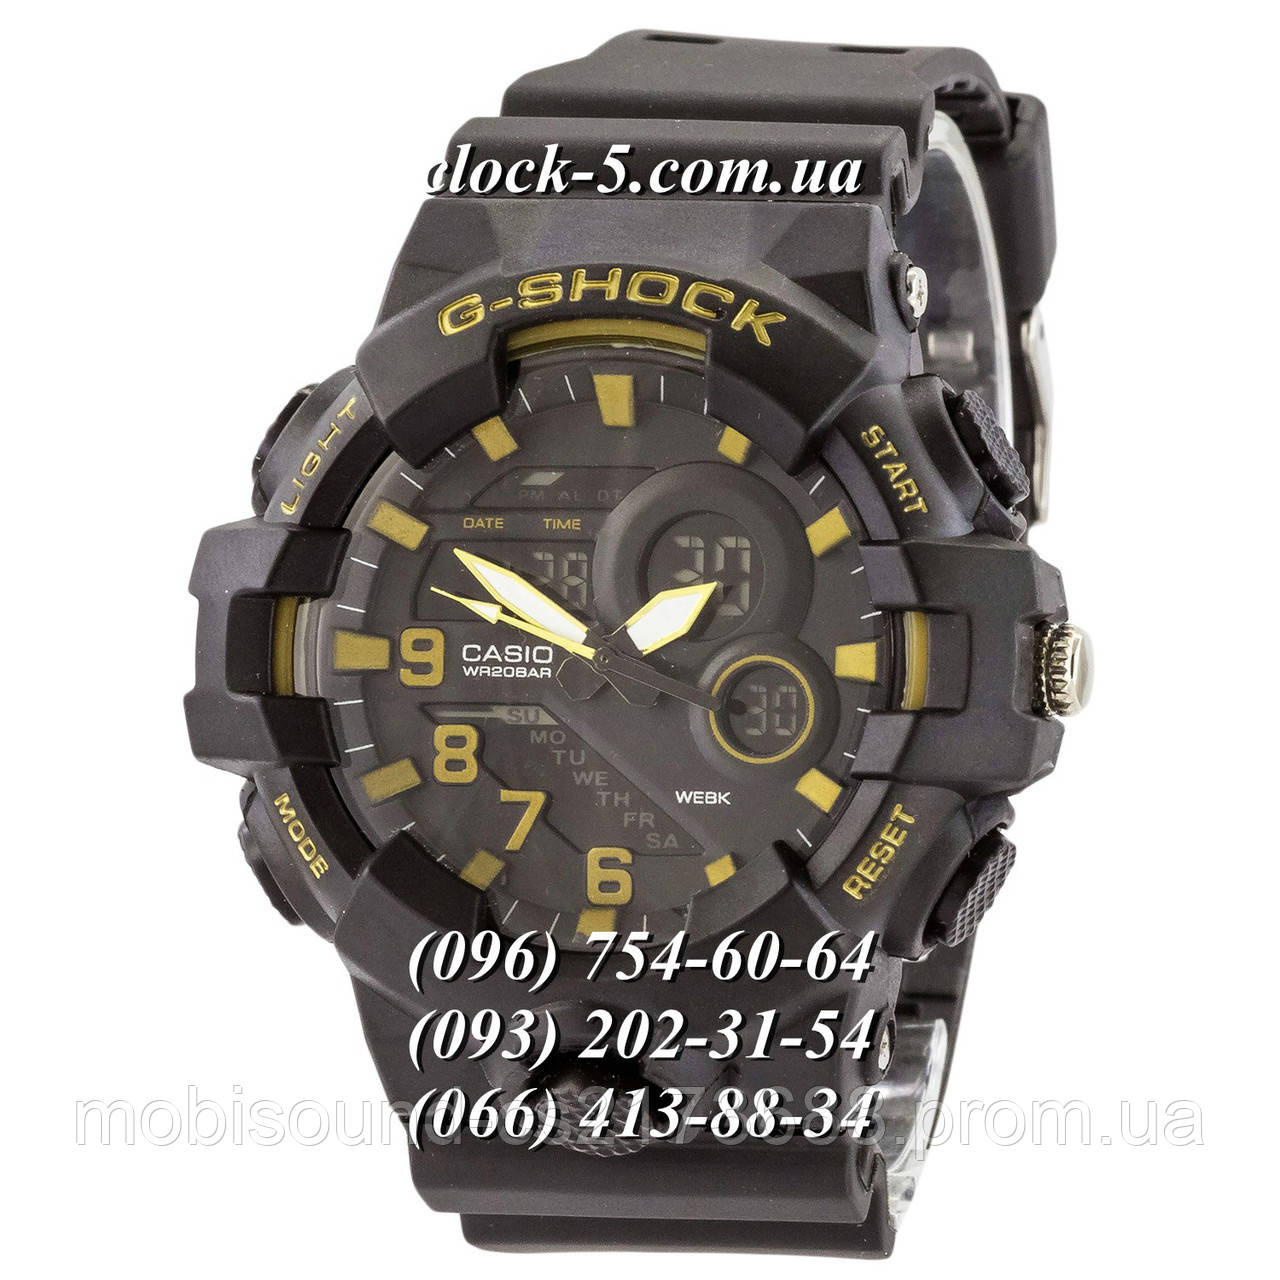 6e1abe2a3635 Часы Мужские Купить в Запорожье — в Категории